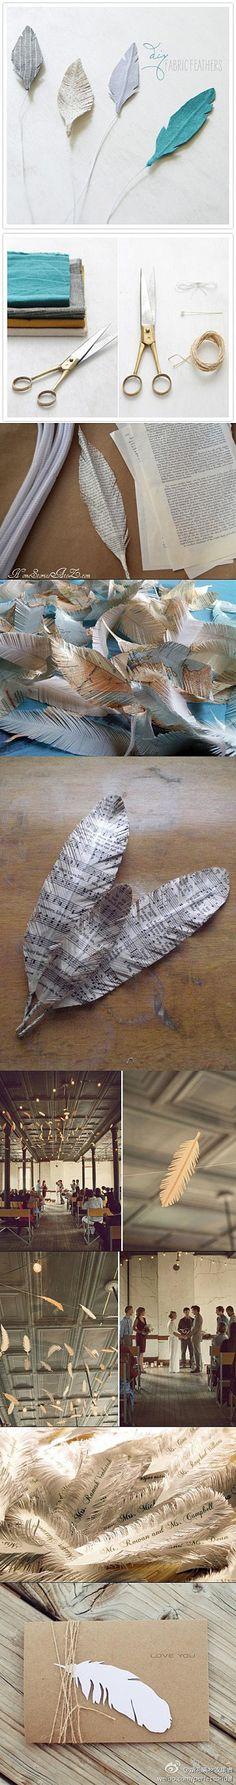 Plumas de papel.  Sencillo y con un resultado espectacular